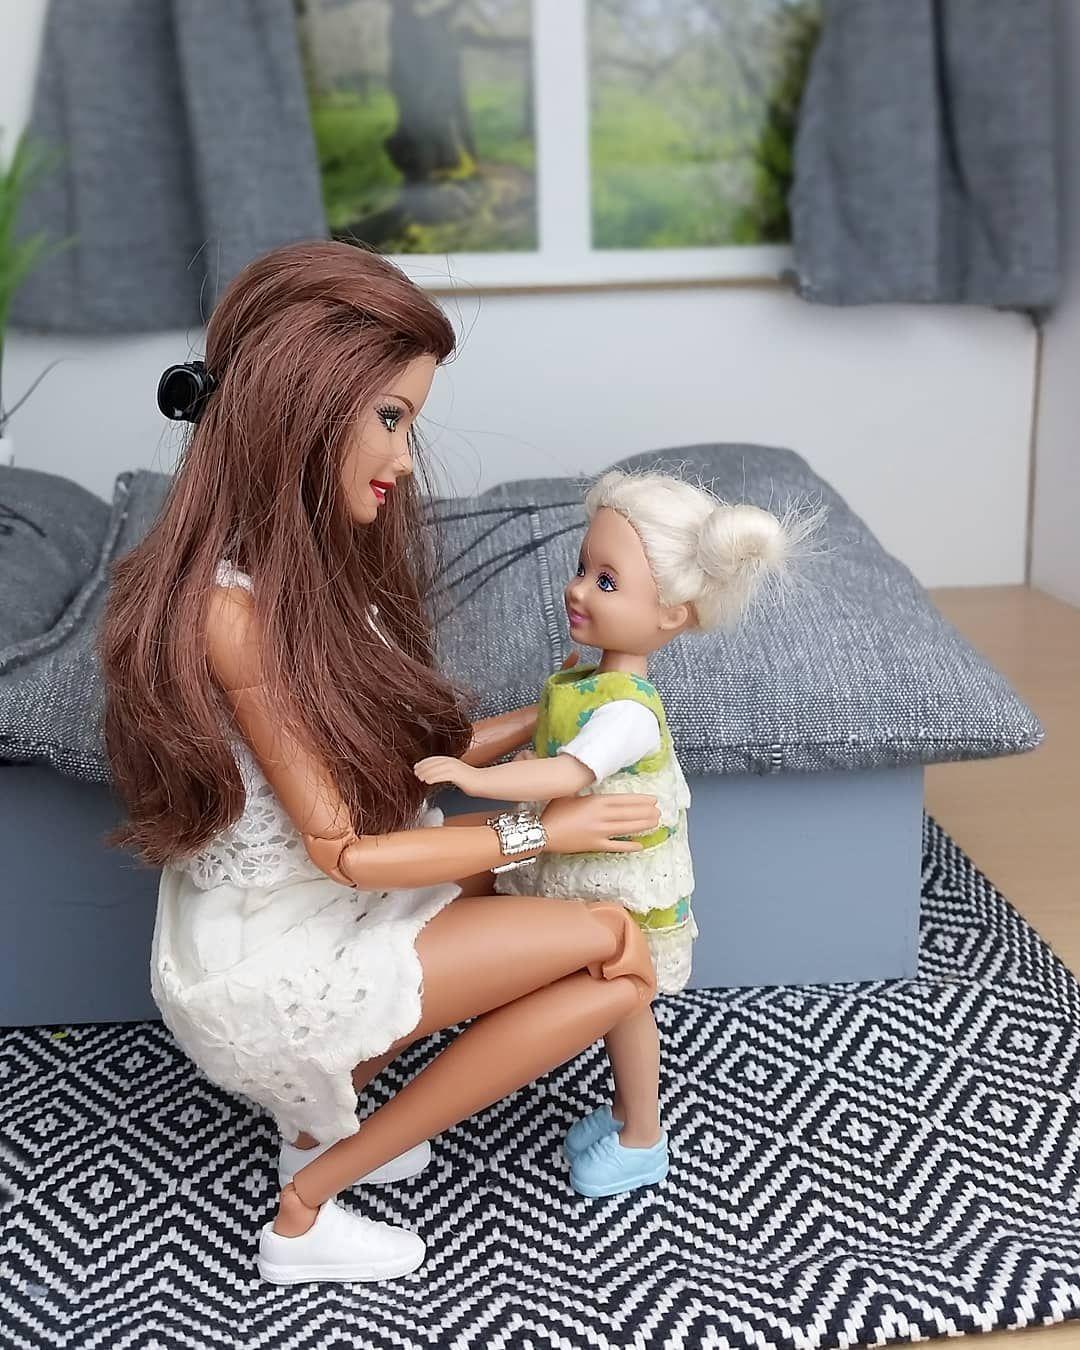 moi et ma fille (Alice) (mais pas ma pote, ma fille) #barbie